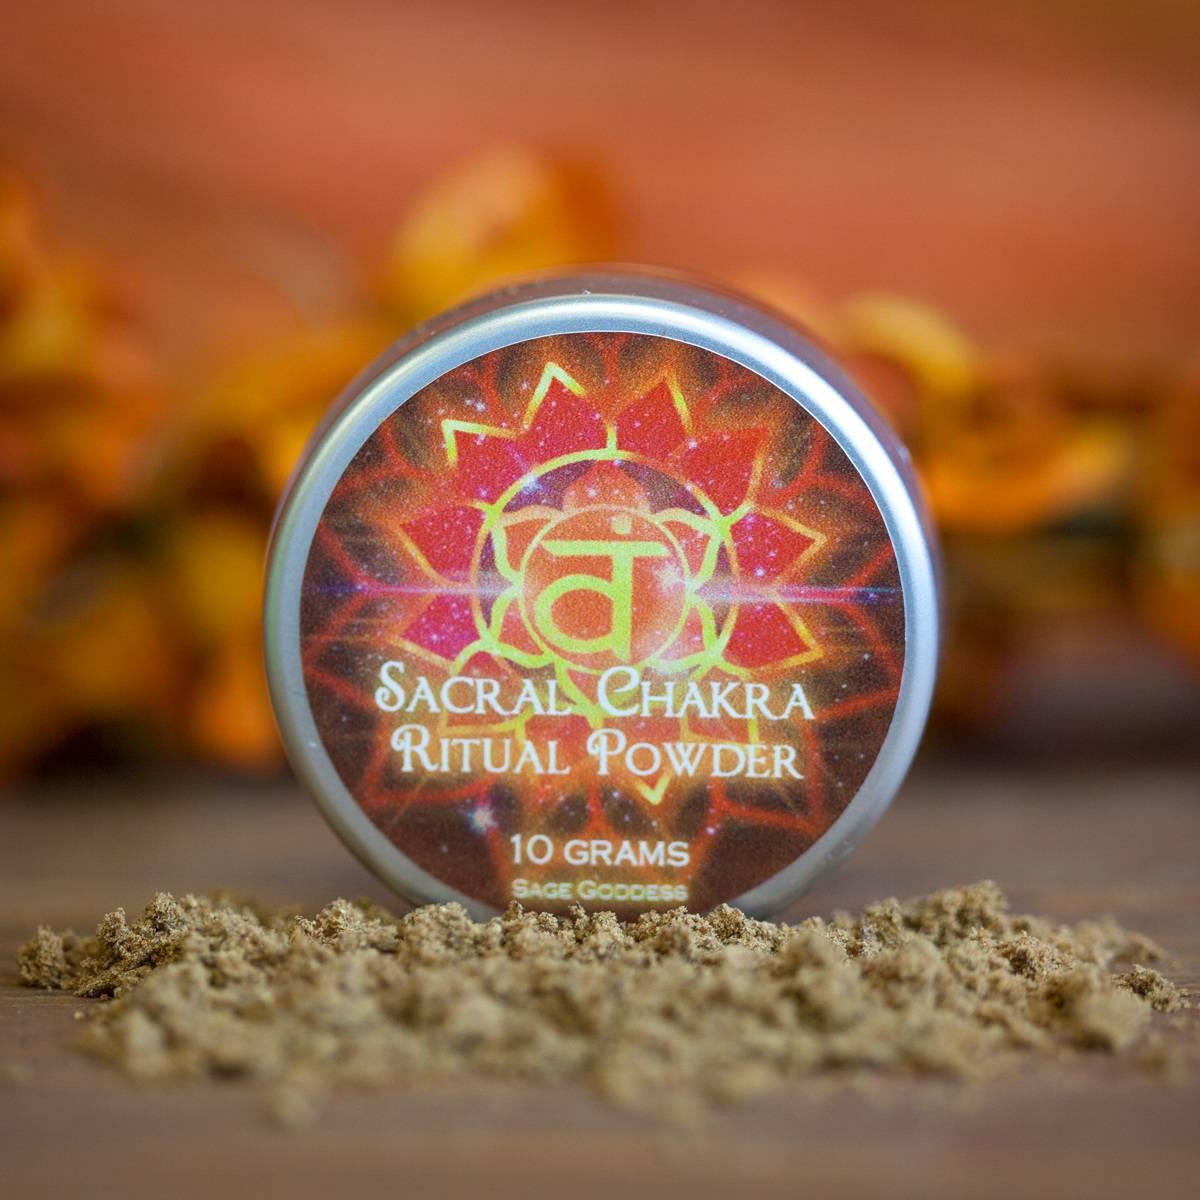 Sacral Chakra Ritual Powder 2_2